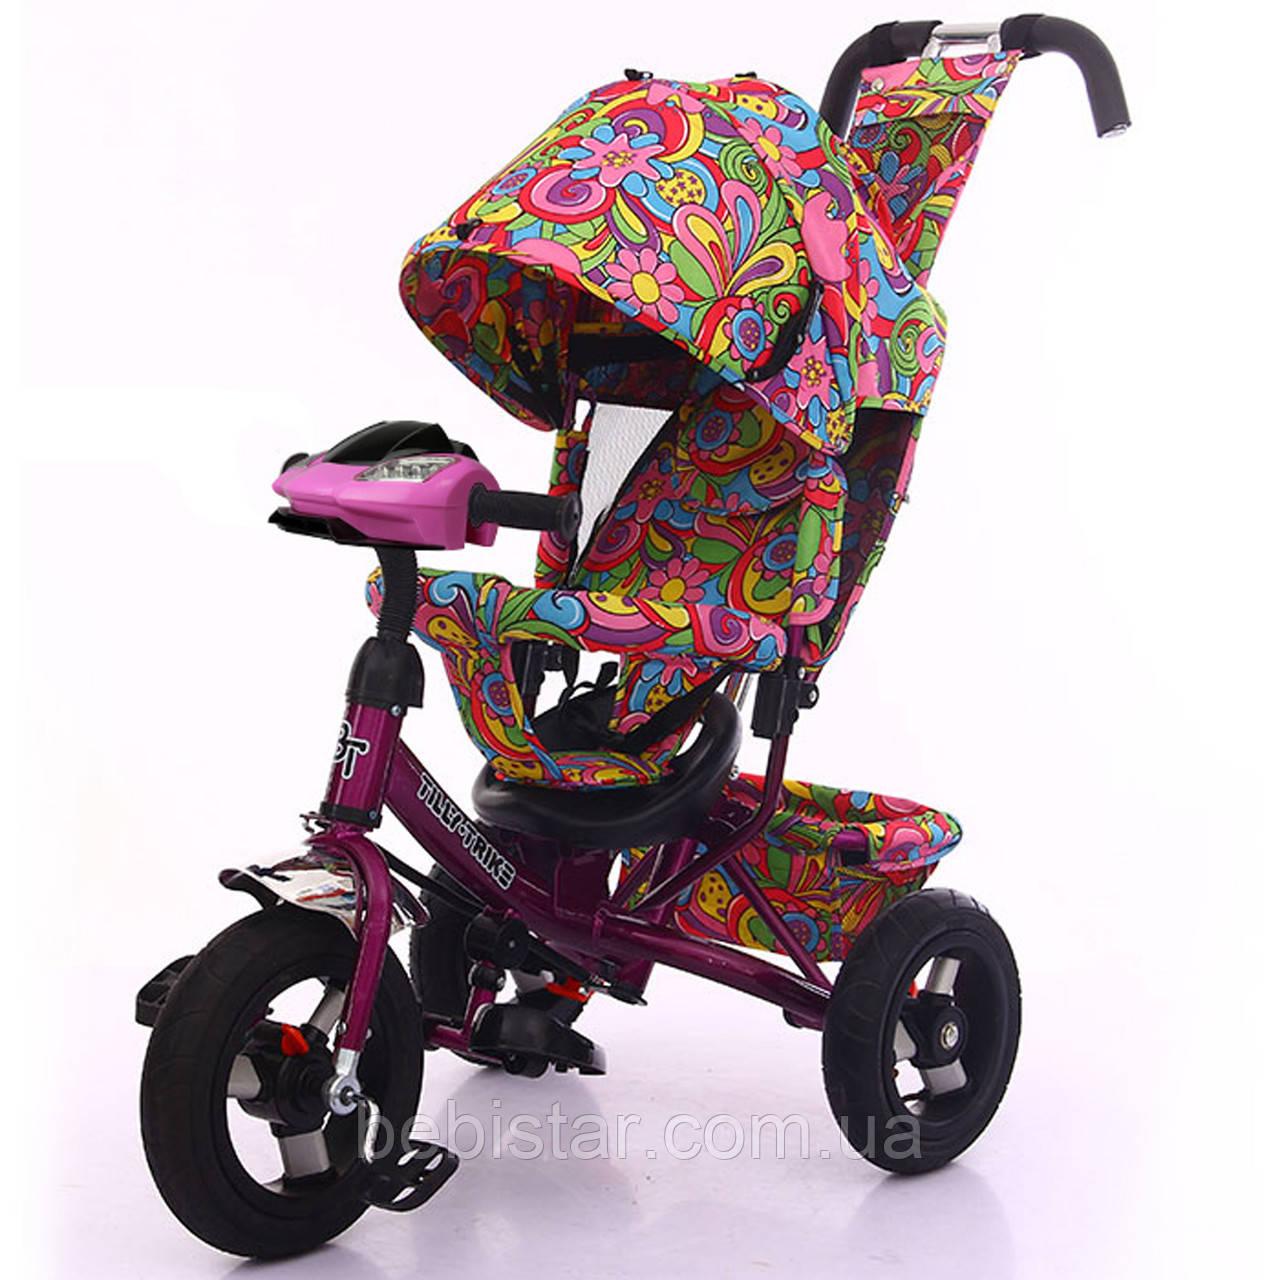 Детский трехколесный велосипед музыка свет TILLY Trike T-363-2/1 надувные колеса фиолетовый